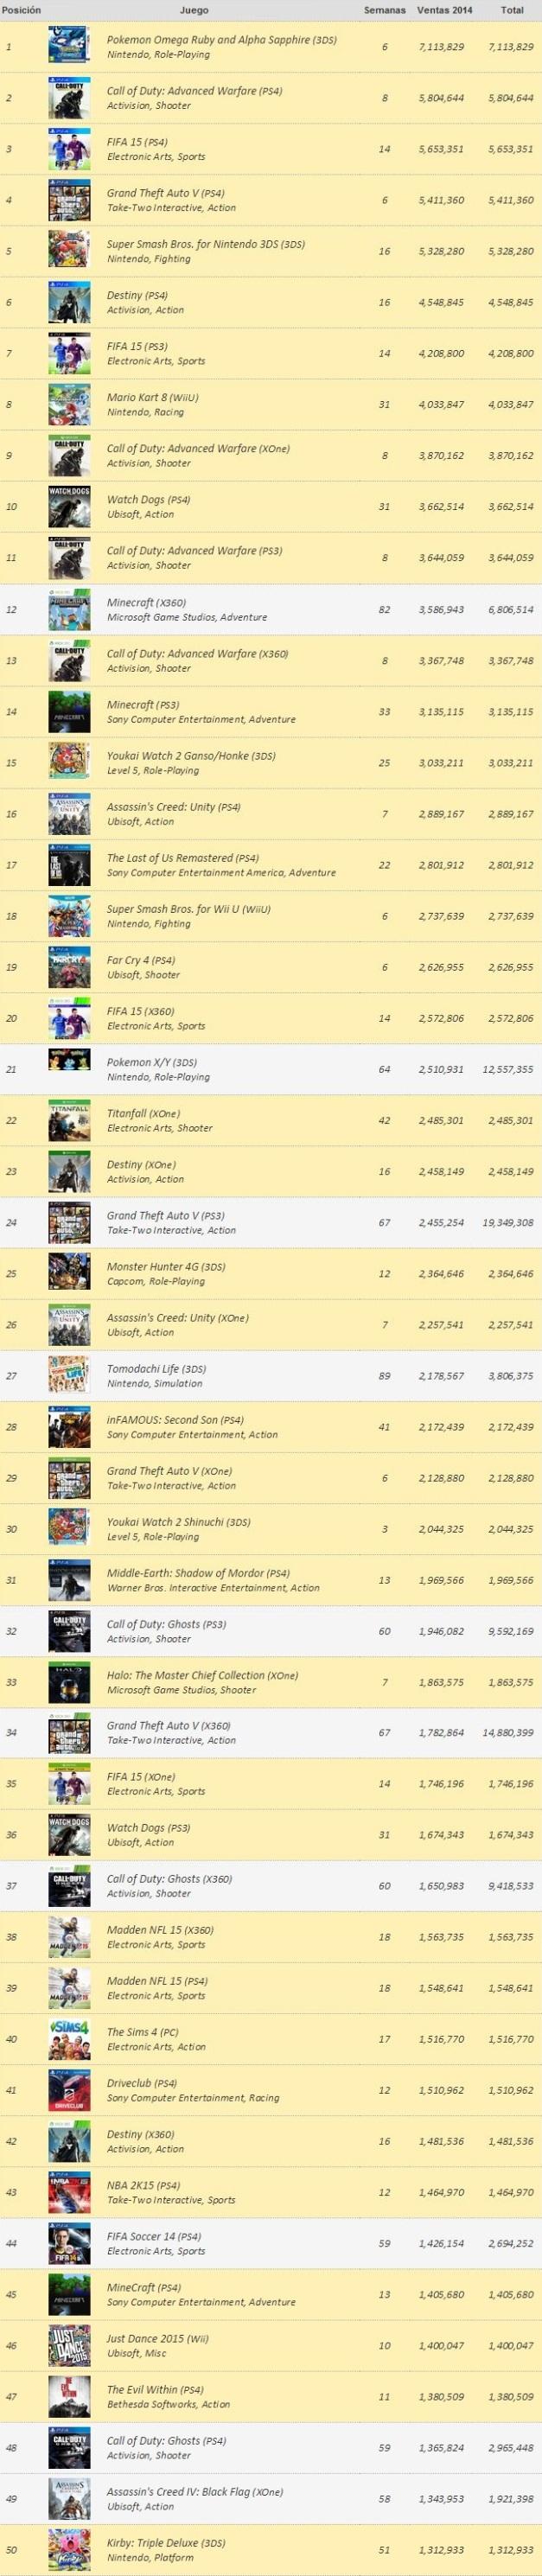 Top 50 - Venta videojuegos 2014